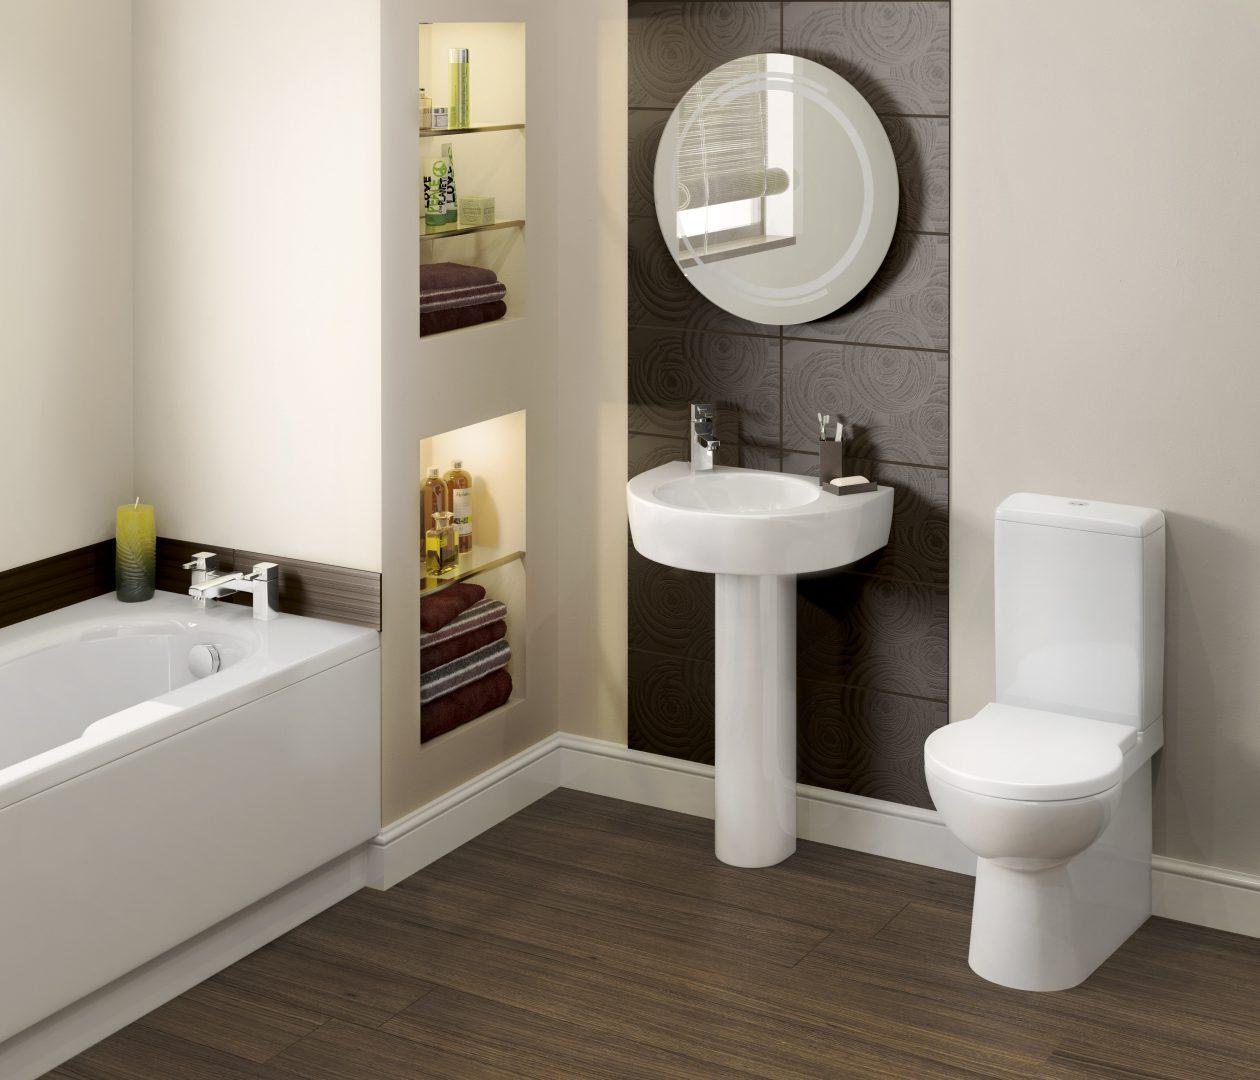 Rehabilitación de cuartos de baño antiguos - Bañera por ducha San ...